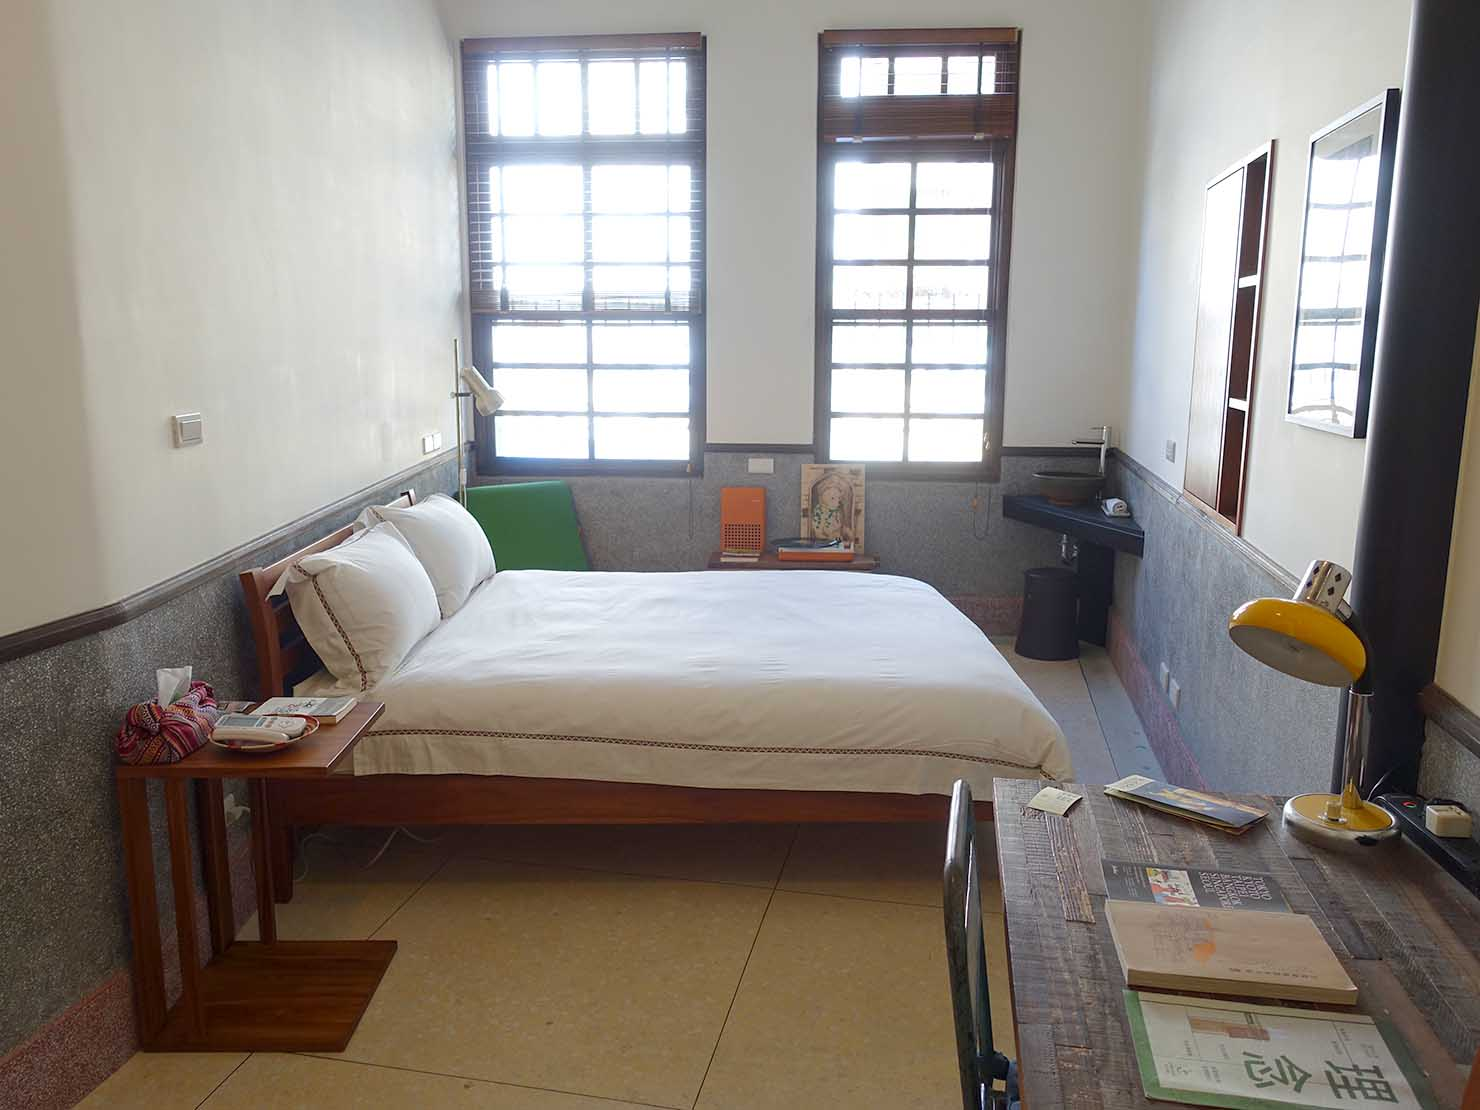 台北・迪化街のおしゃれな古民家リノベゲストハウス「OrigInn Space」のスタンダードダブルルーム